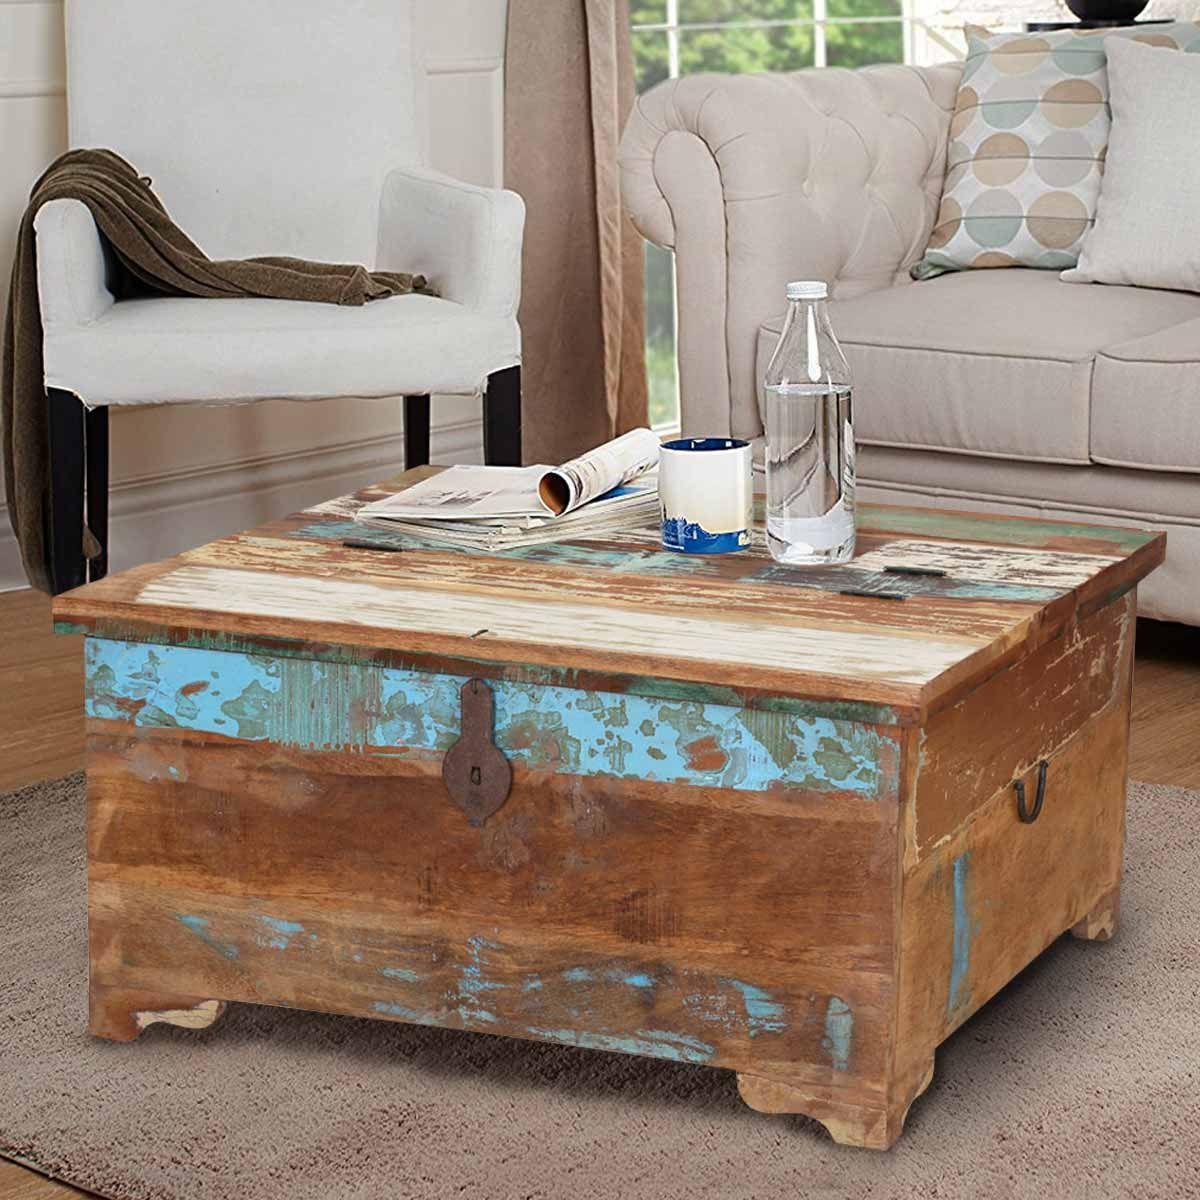 Rustic Reclaimed Wood Coffee Table Storage Trunk Wood Coffee Table Storage Coffee Table Wood Reclaimed Wood Coffee Table [ 1200 x 1200 Pixel ]